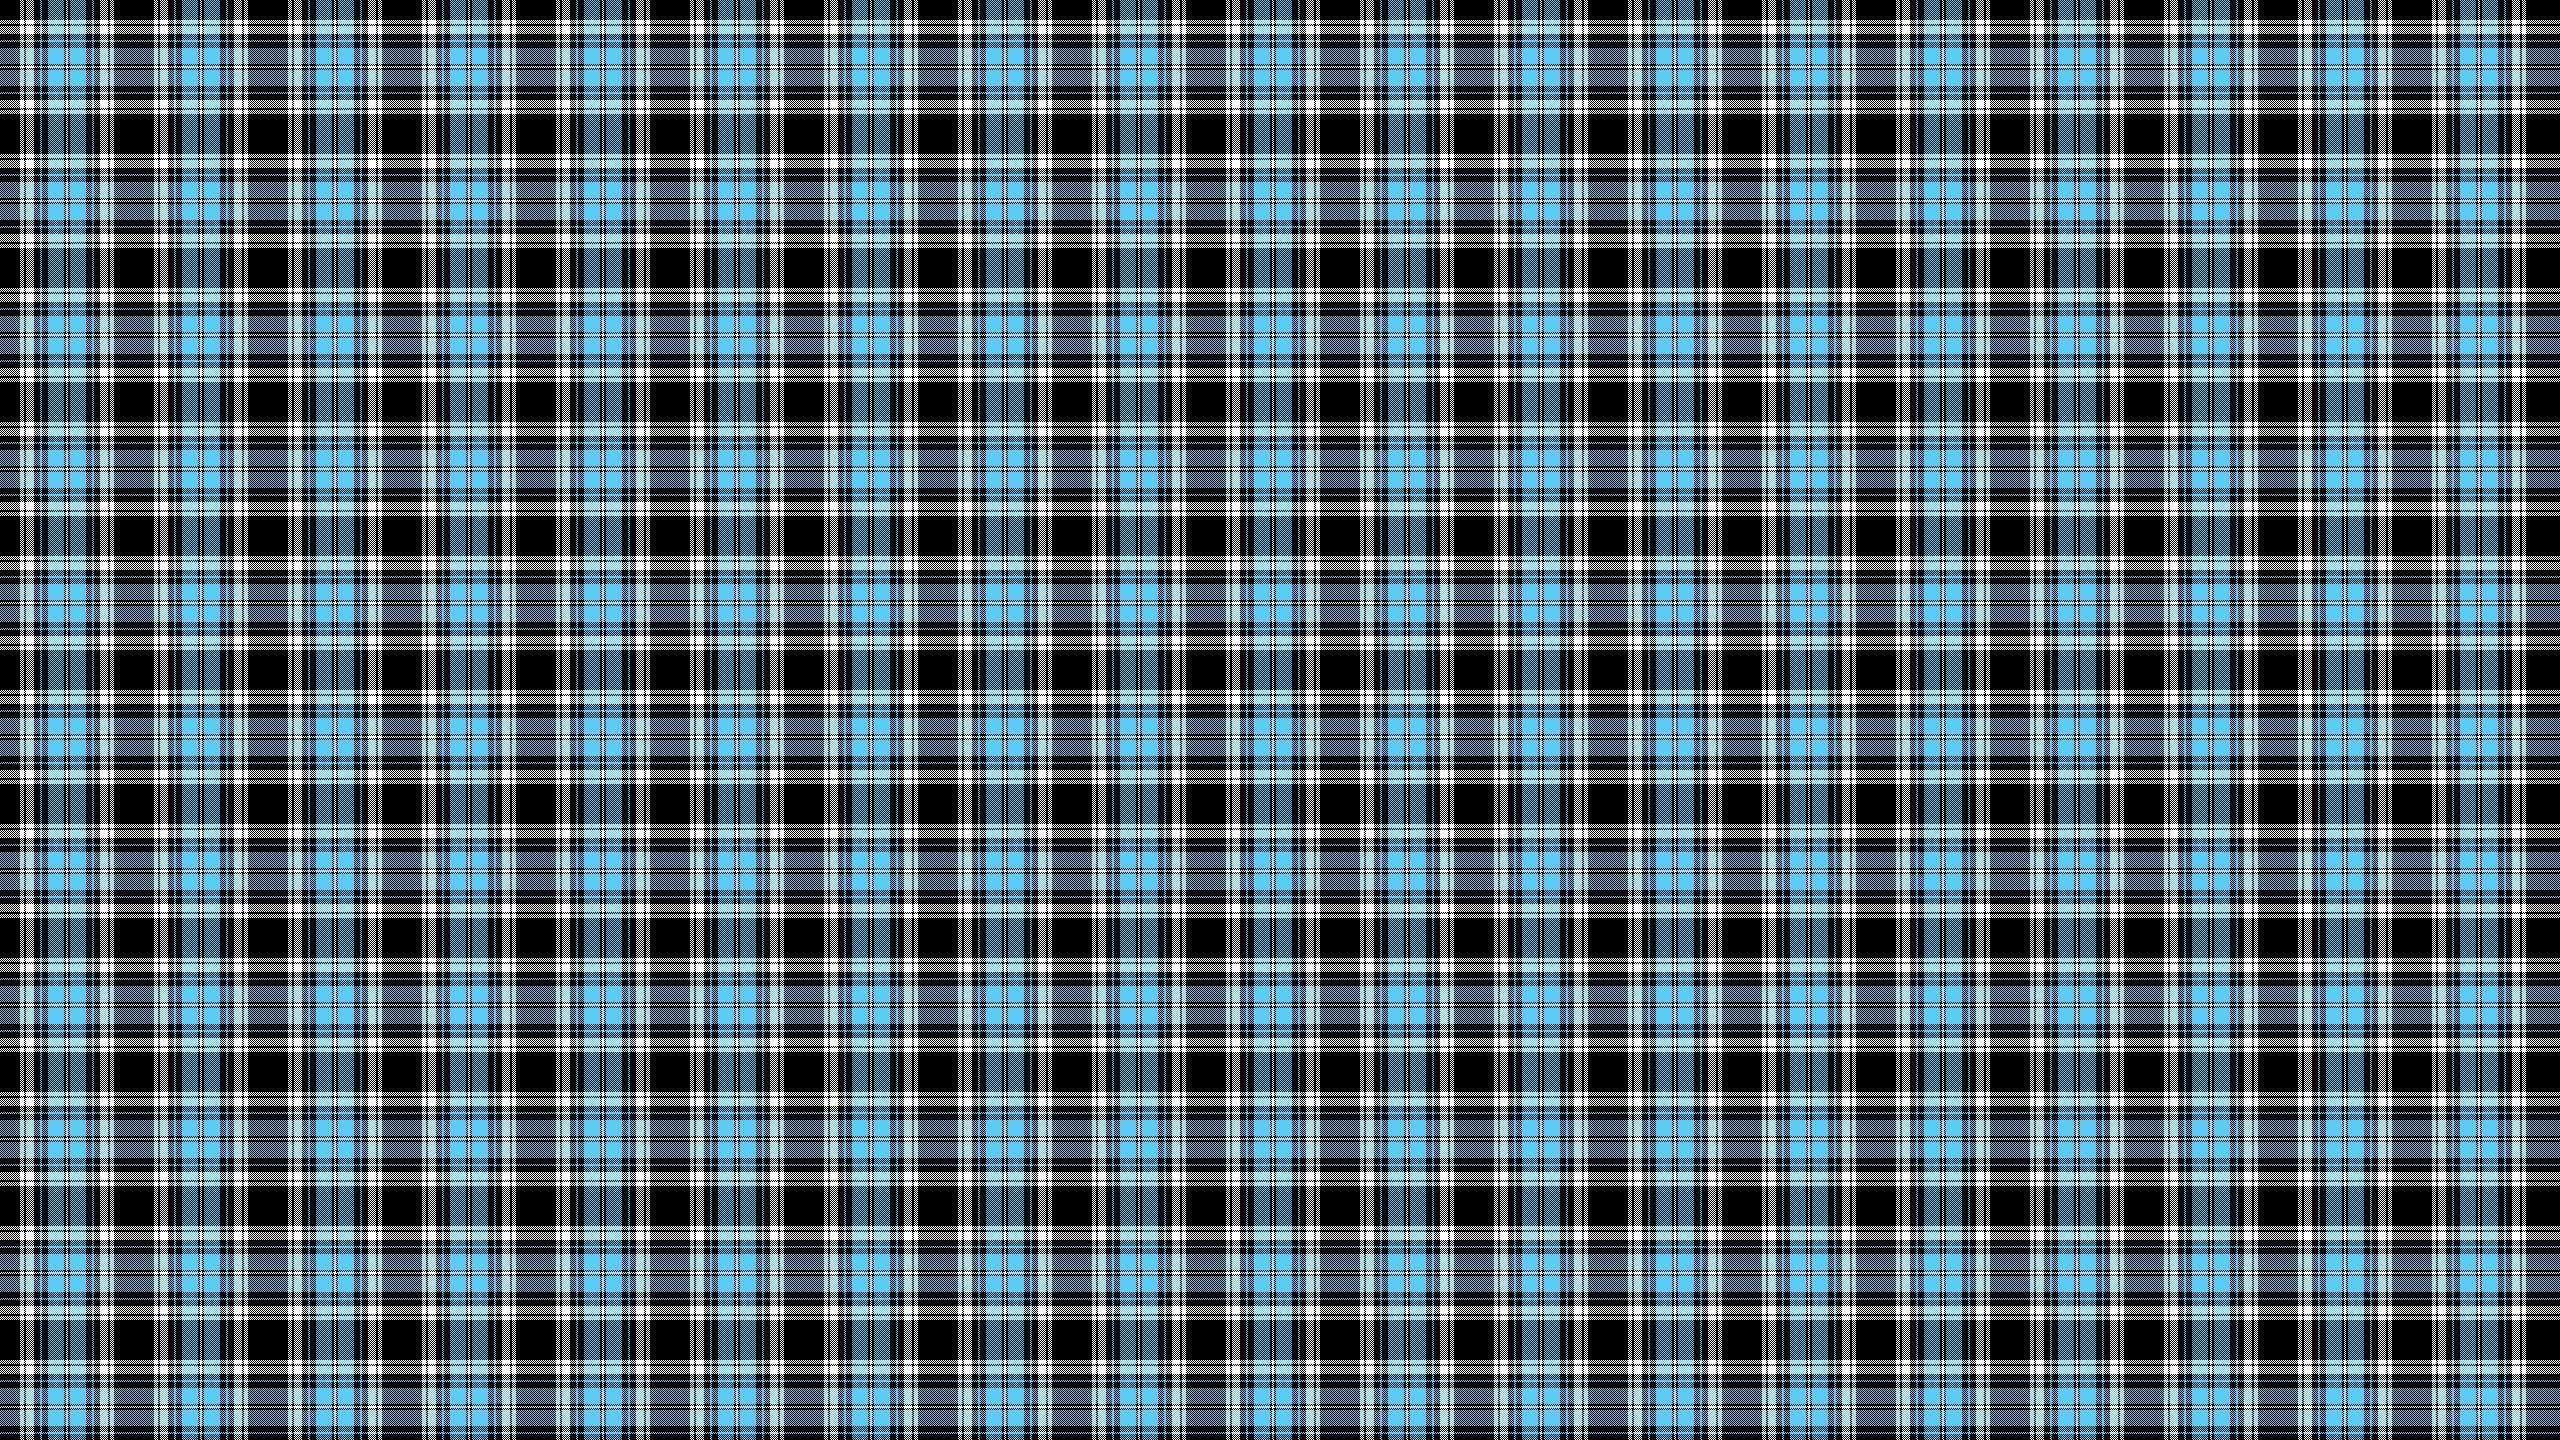 Blue Plaid Wallpaper 47 Images